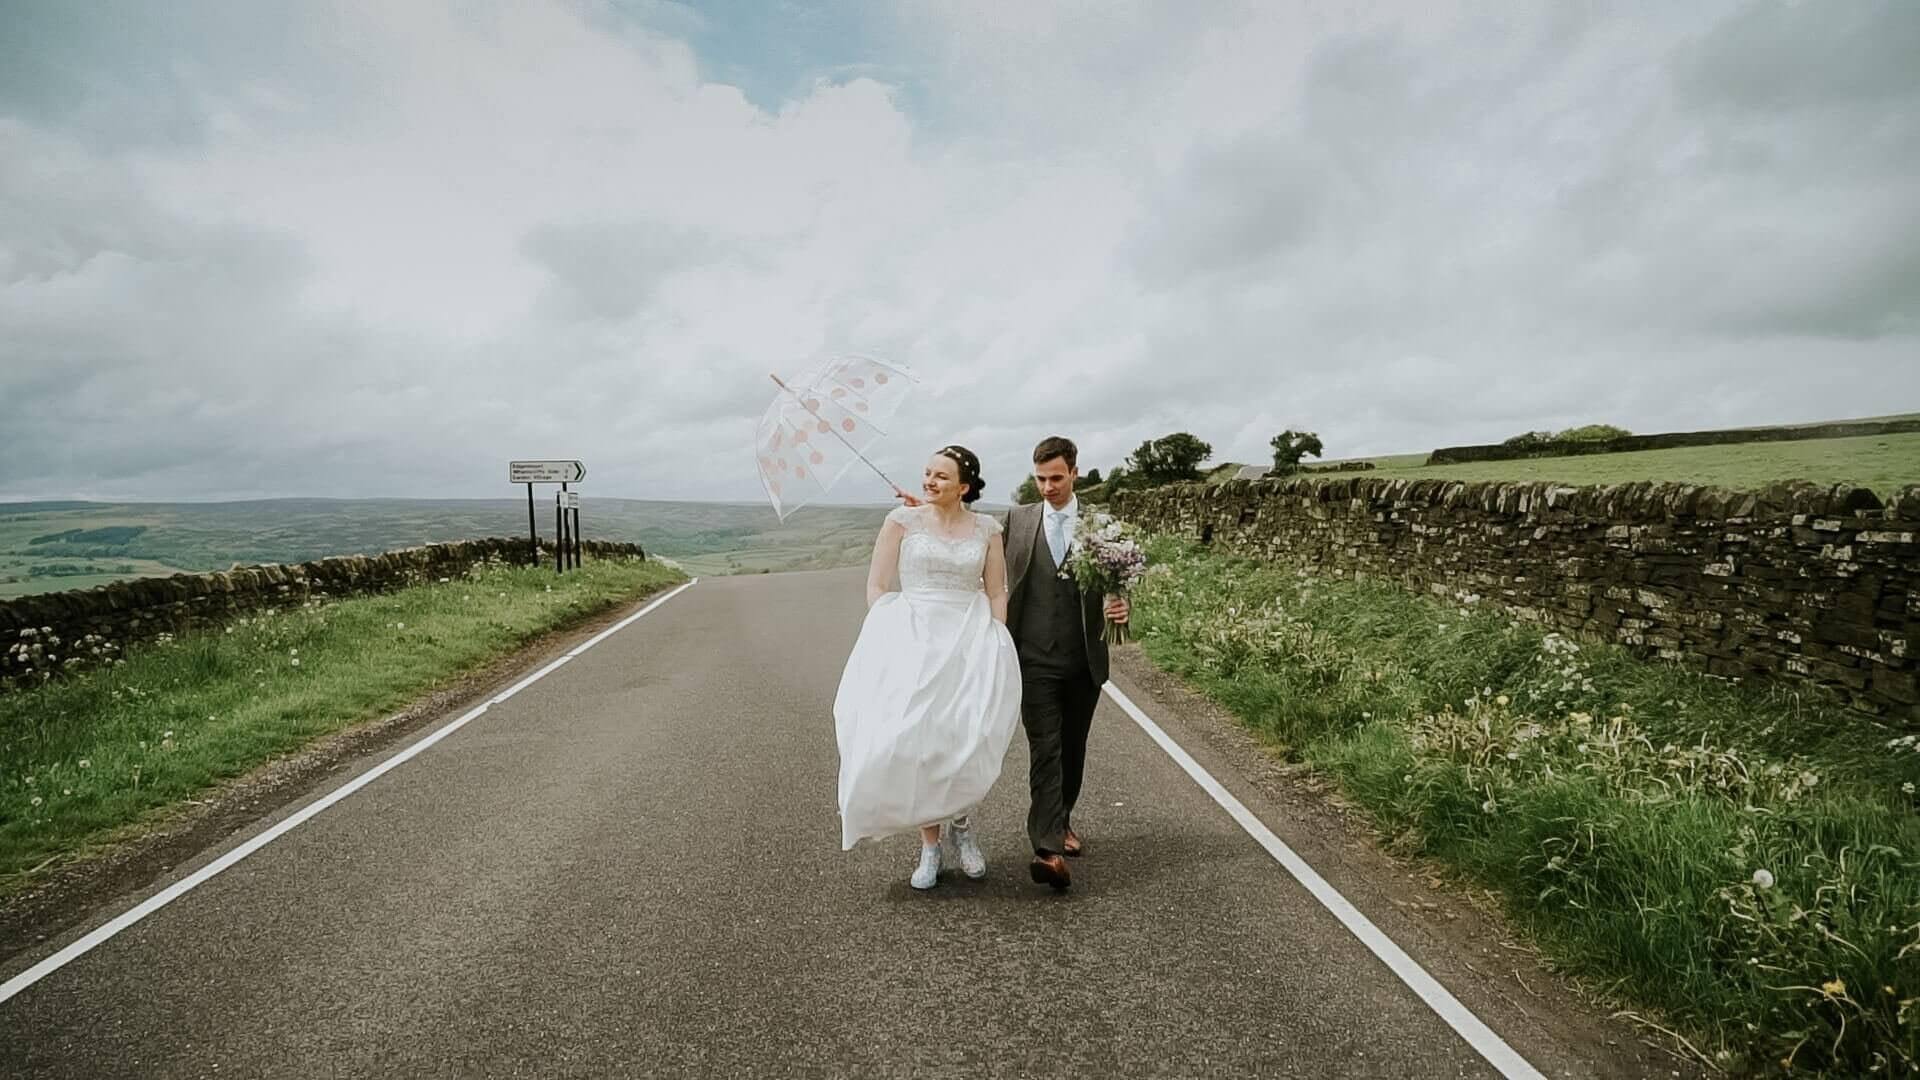 Groom and Bride walking down the road in Peak District